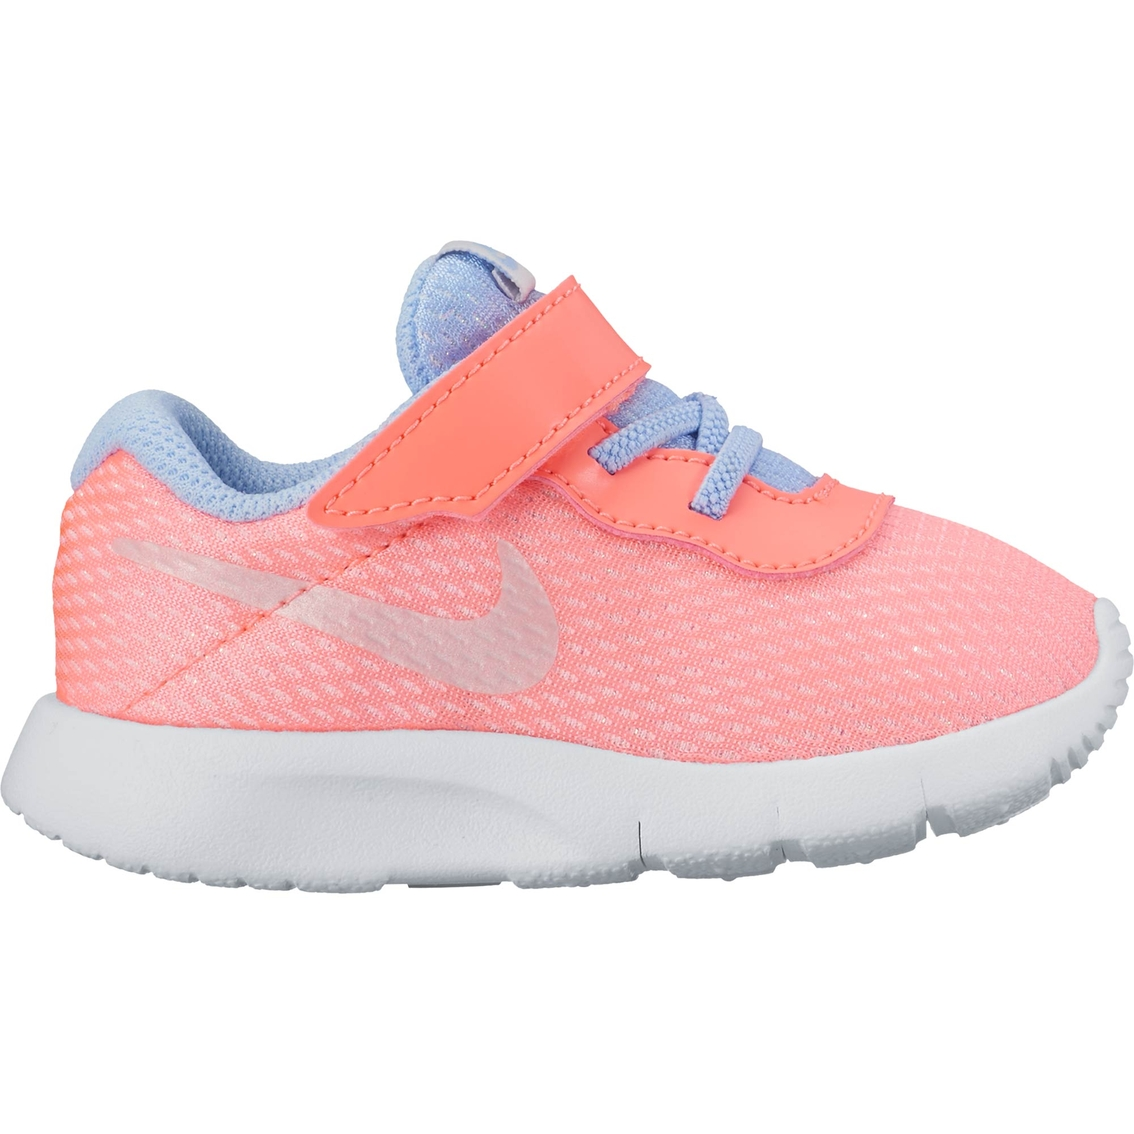 0f5825290284 Nike Toddler Girls Tanjun Se Shoes